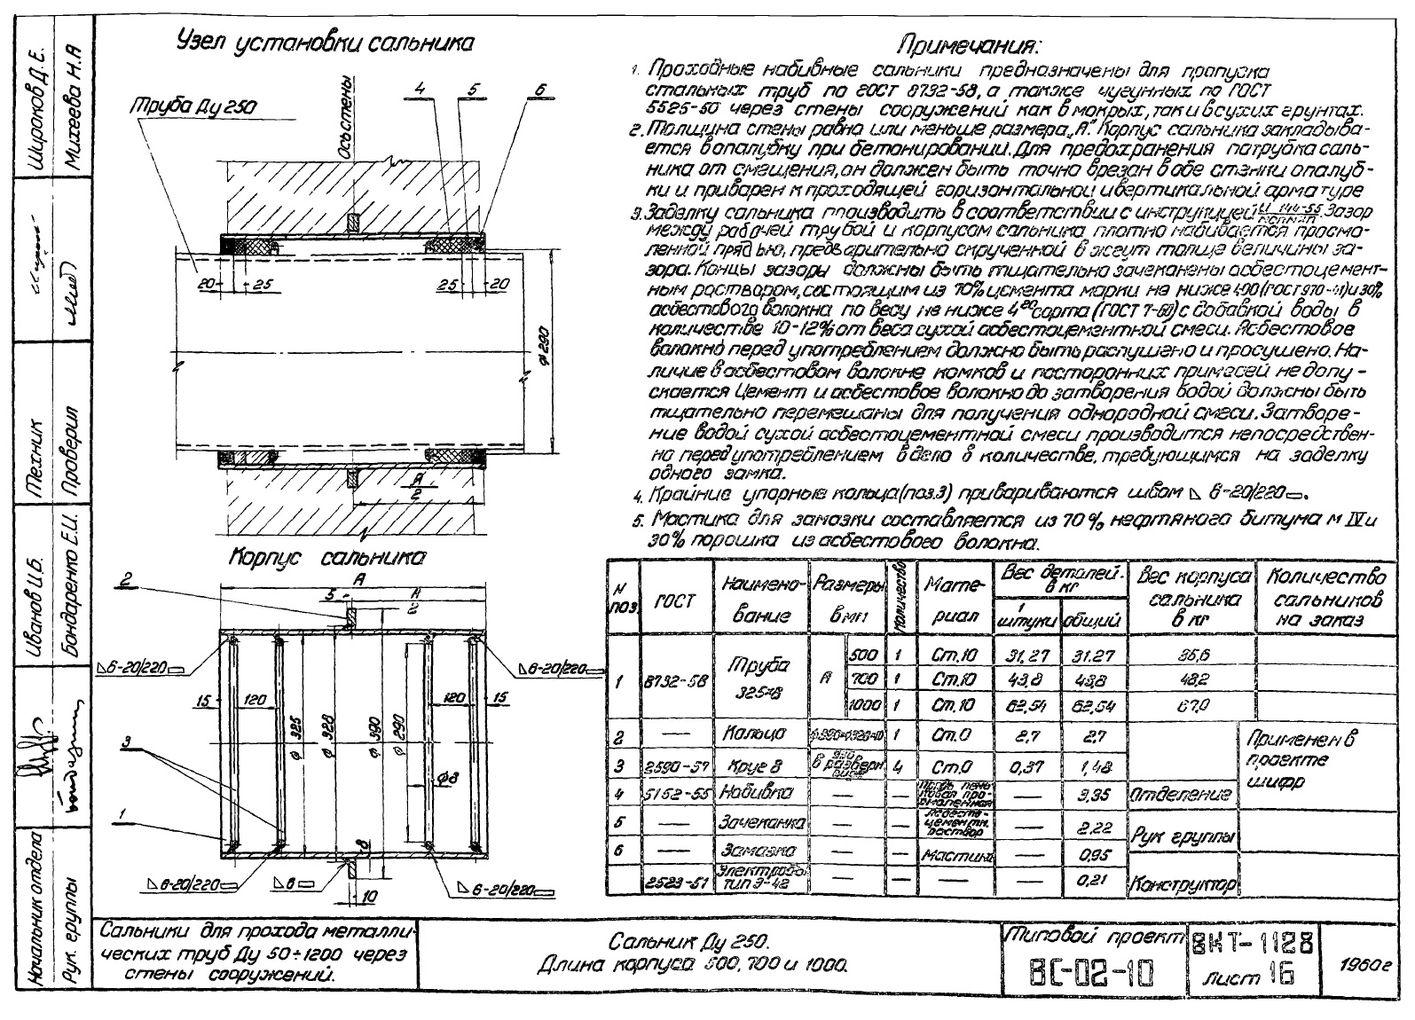 Сальники набивные L = 1000 мм типовой проект ВС-02-10 стр.7